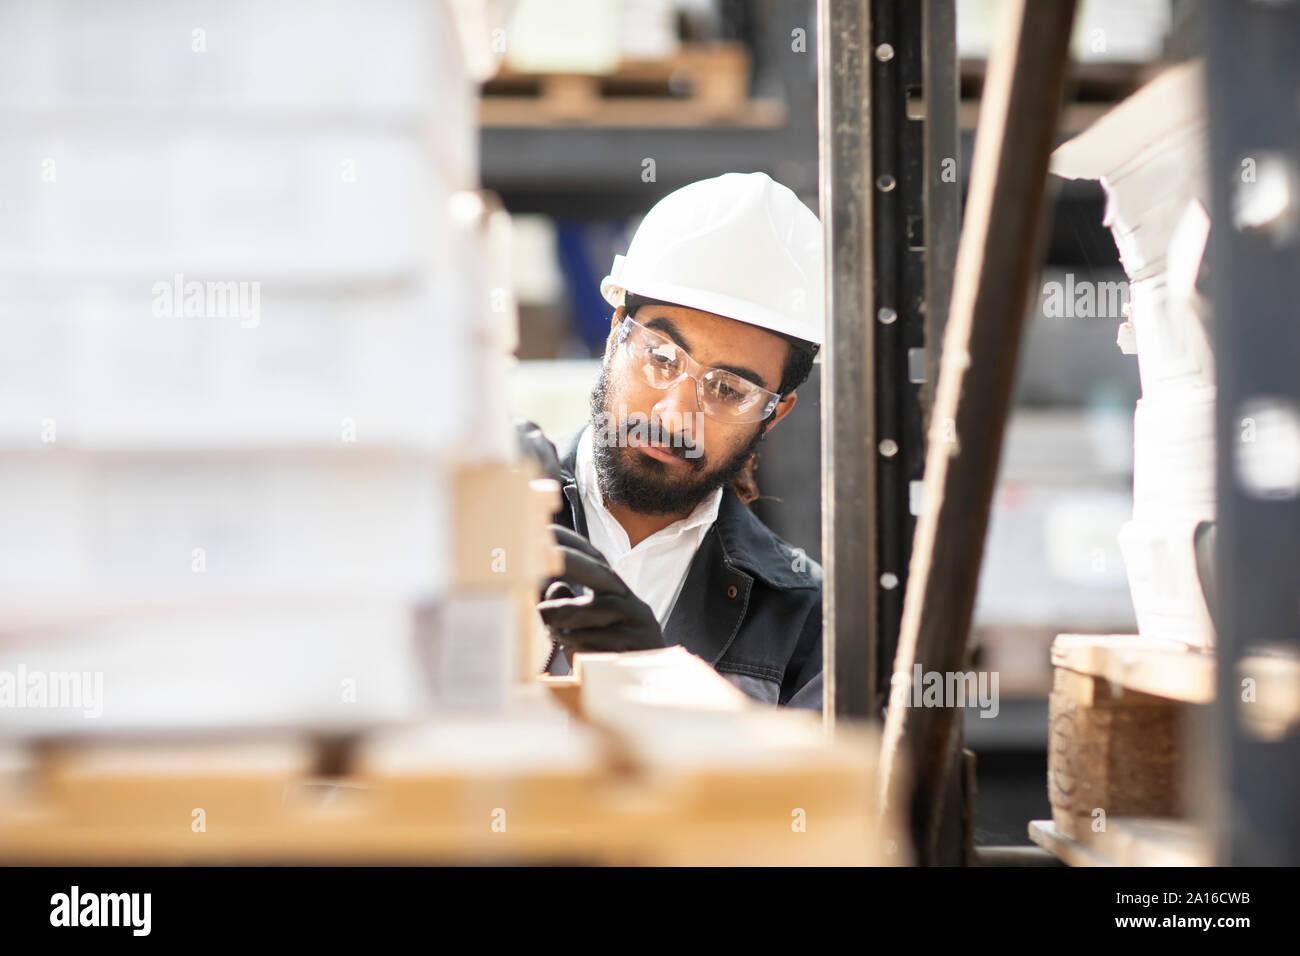 Young man wearing hard hat travaillant dans un entrepôt Banque D'Images